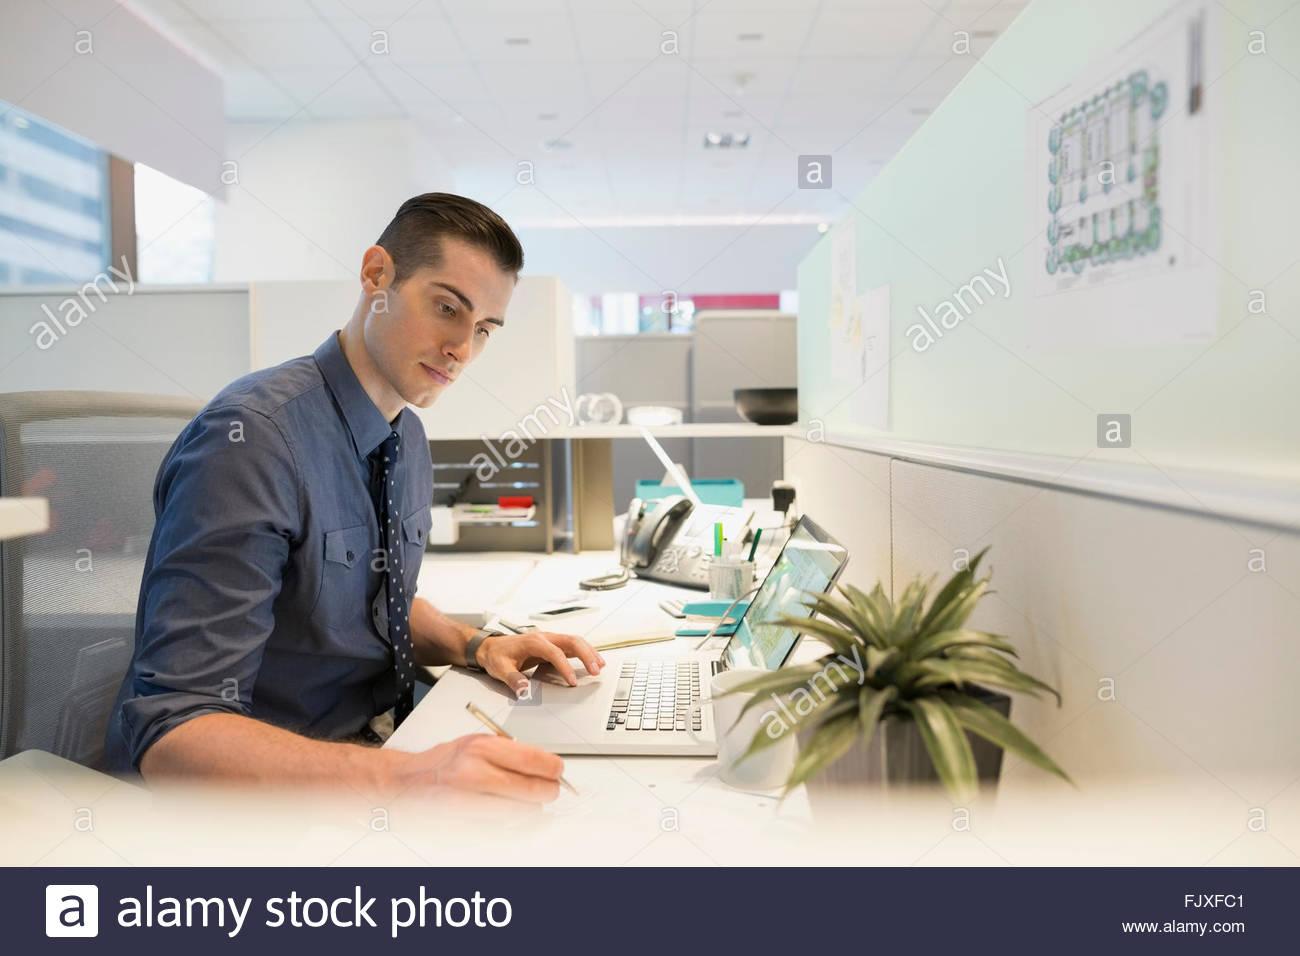 Fokussierte Geschäftsmann mit Laptop am Schreibtisch Stockbild